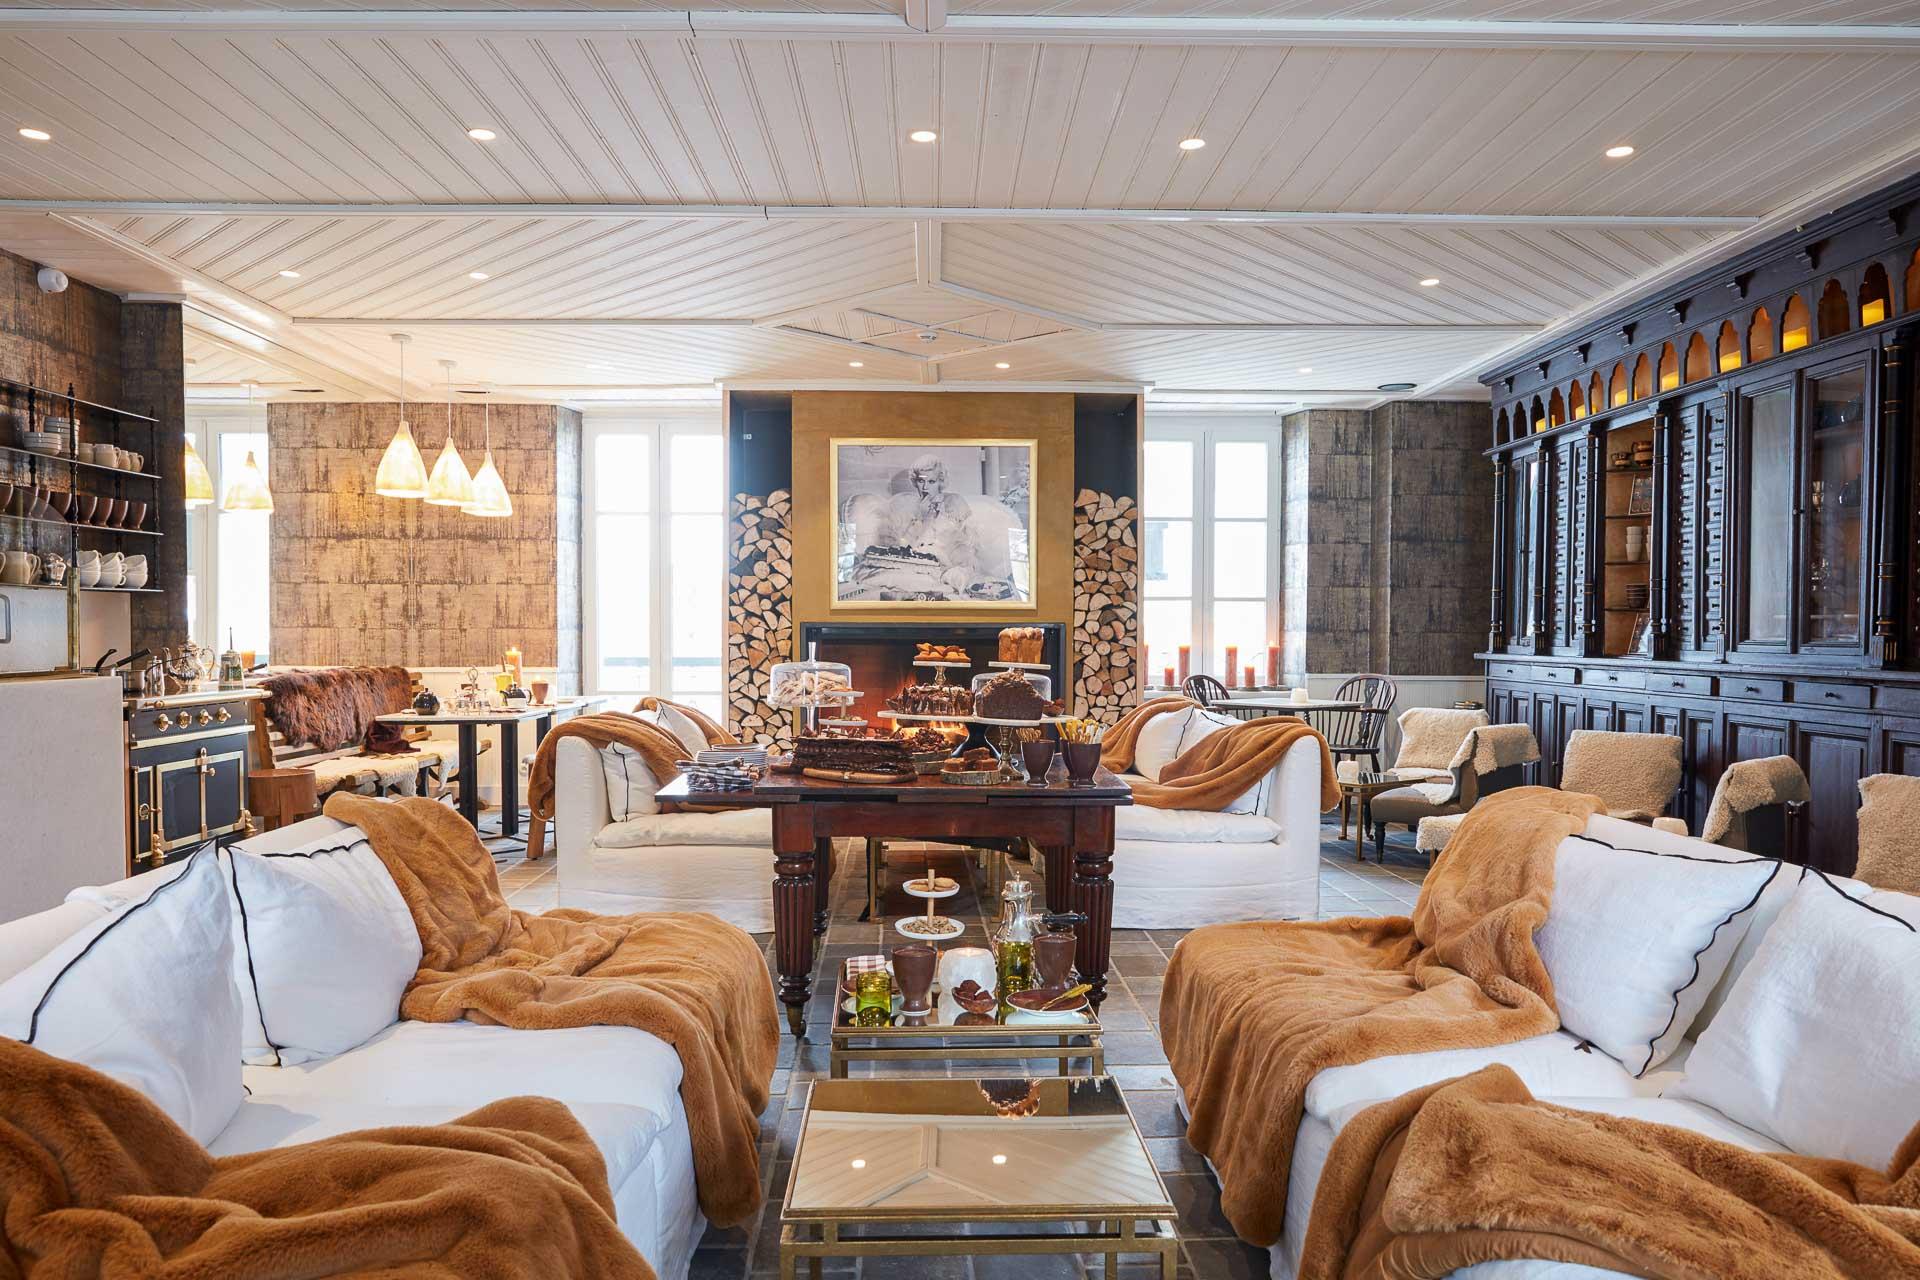 Inauguré en 1901, bien avant que Megève ne s'impose comme la station la plus chic de Savoie, le Grand Hôtel du Soleil d'Or renaît sous la forme d'un splendide boutique-hôtel à l'entrée du village. 16 chambres et suites, 3 chalets indépendants, un restaurant signé de la cheffe Flora Mikula et une